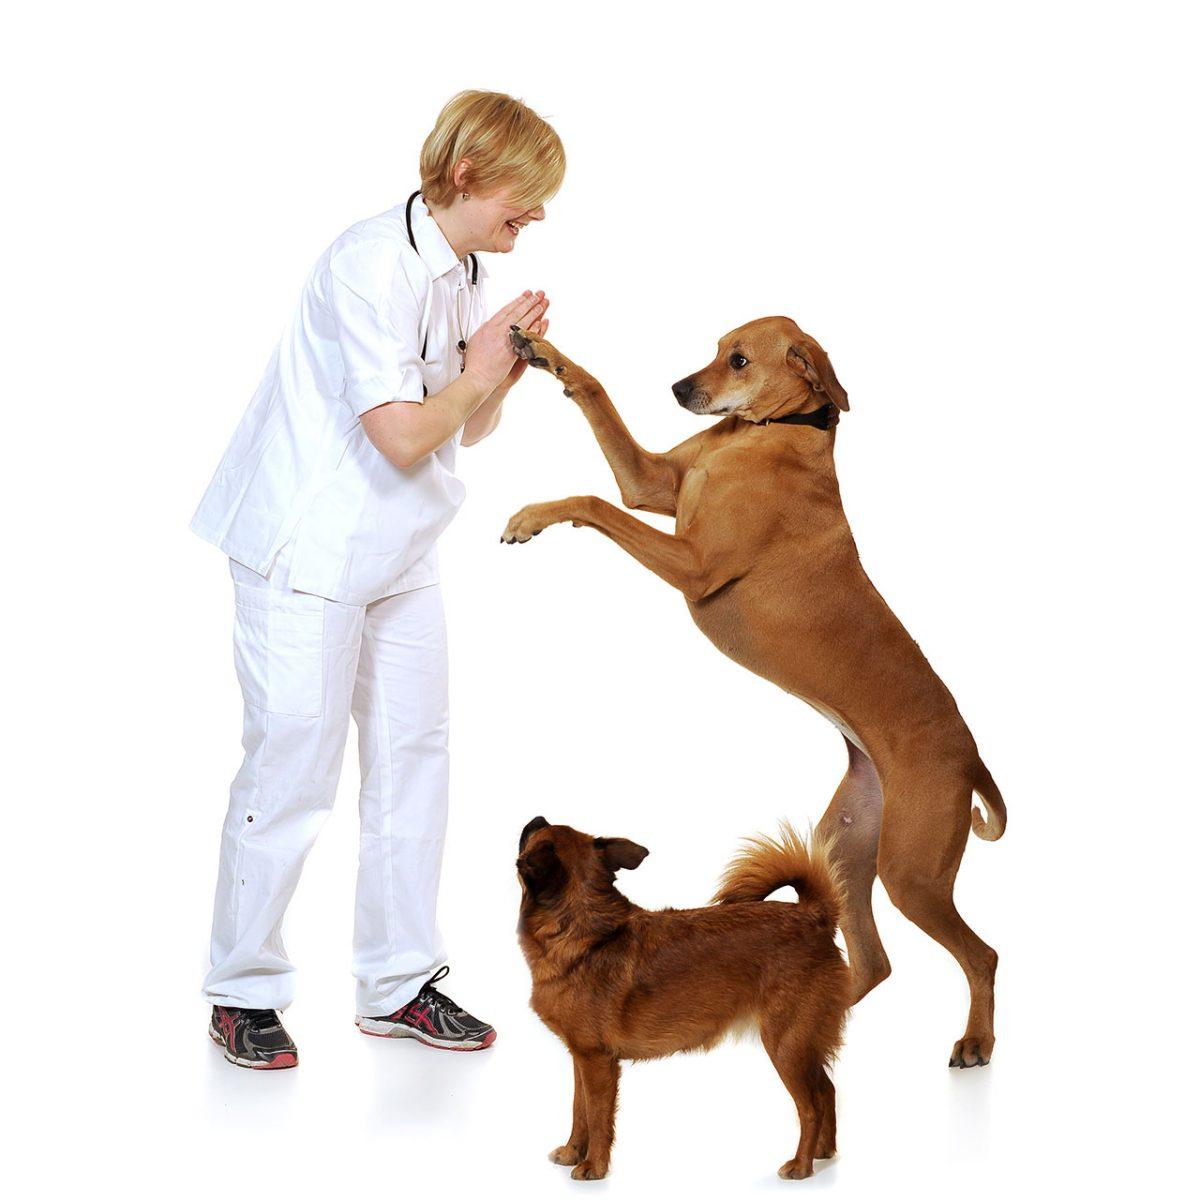 Trygg veterinär i skåne